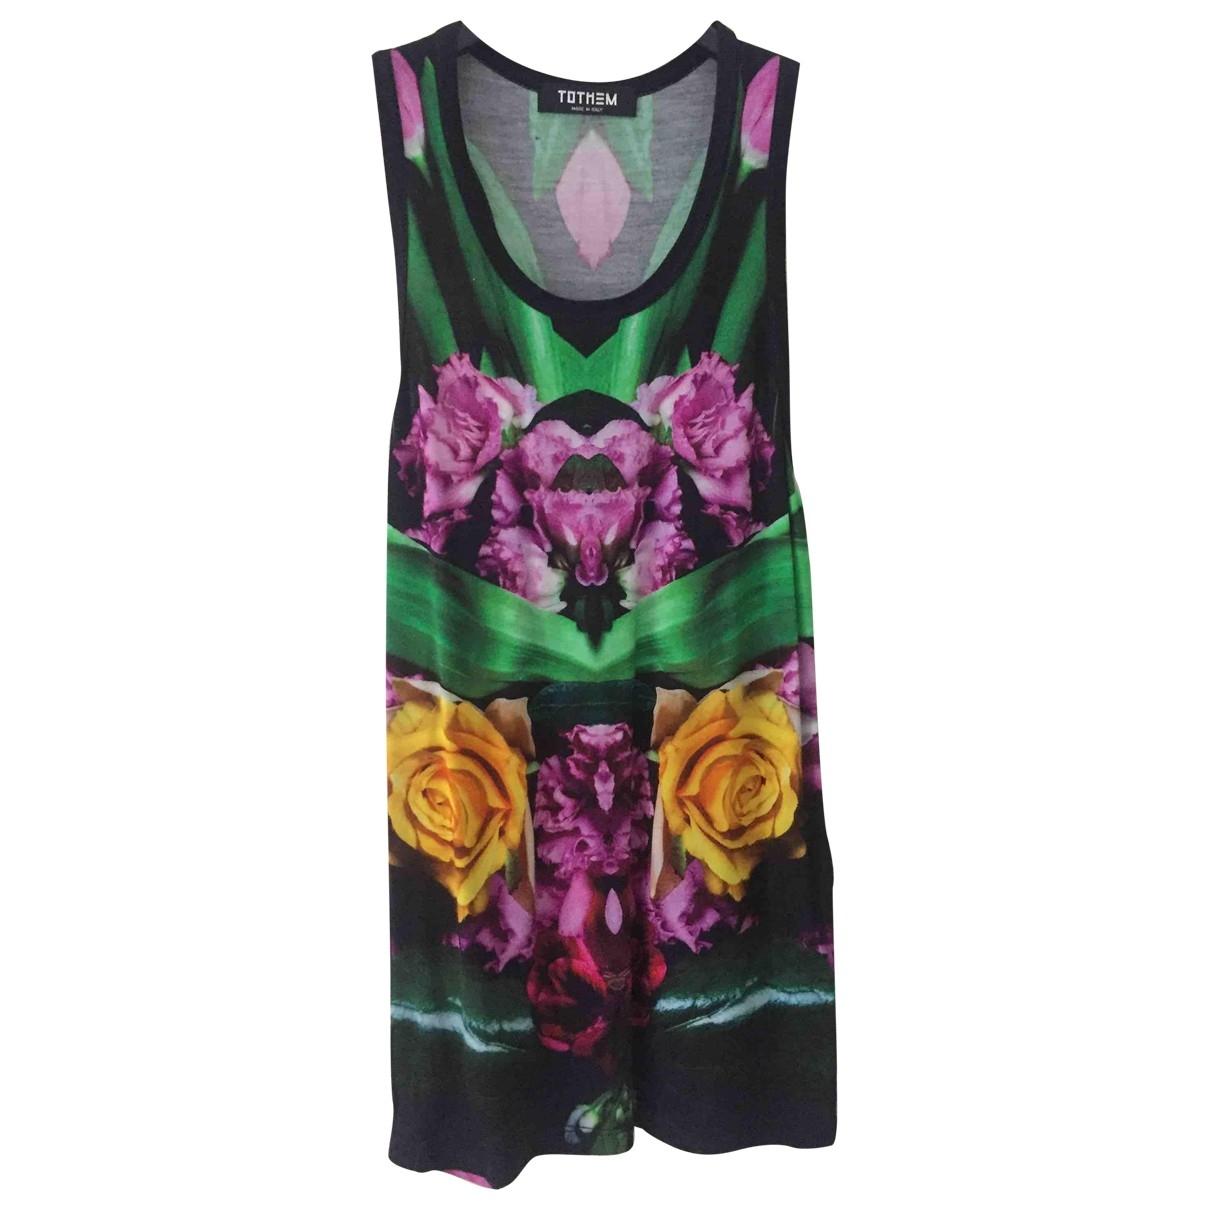 Tothem - Top   pour femme - multicolore